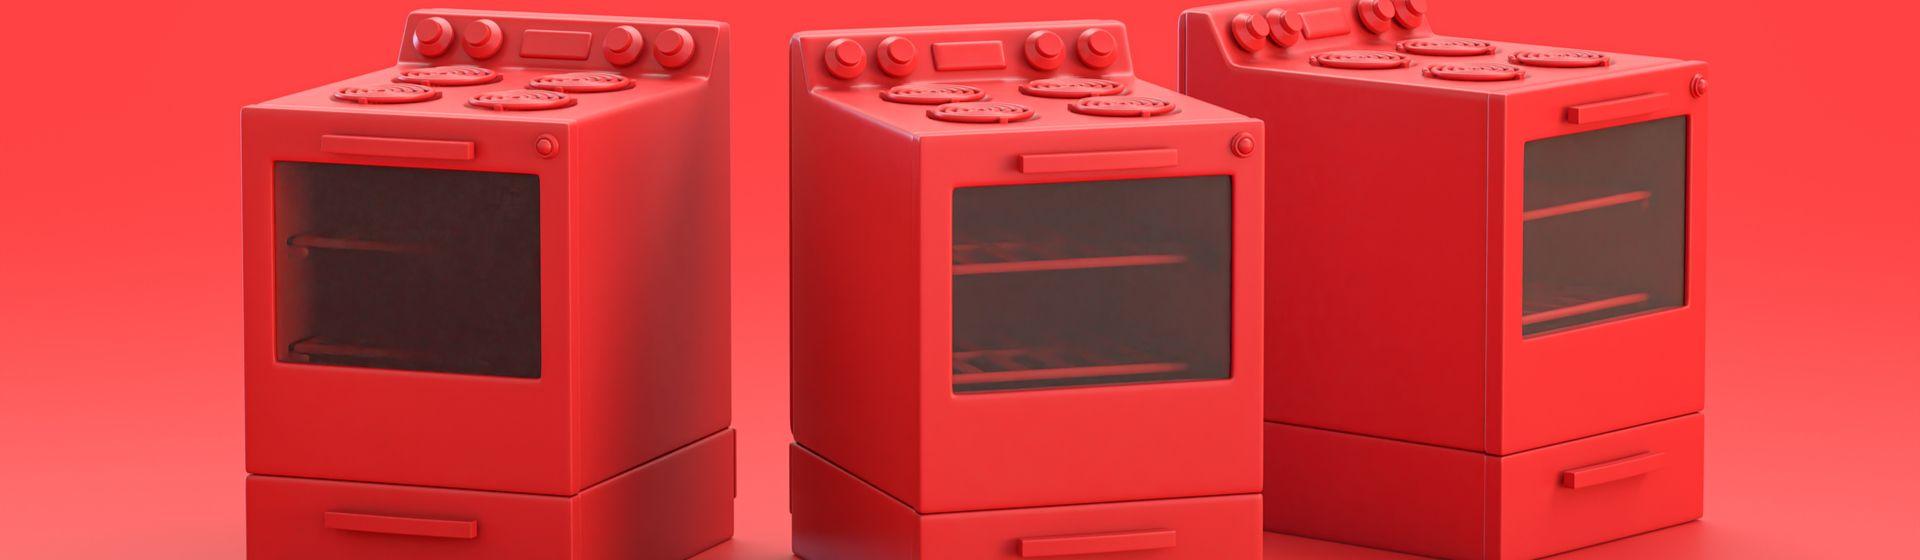 Como envelopar fogão?